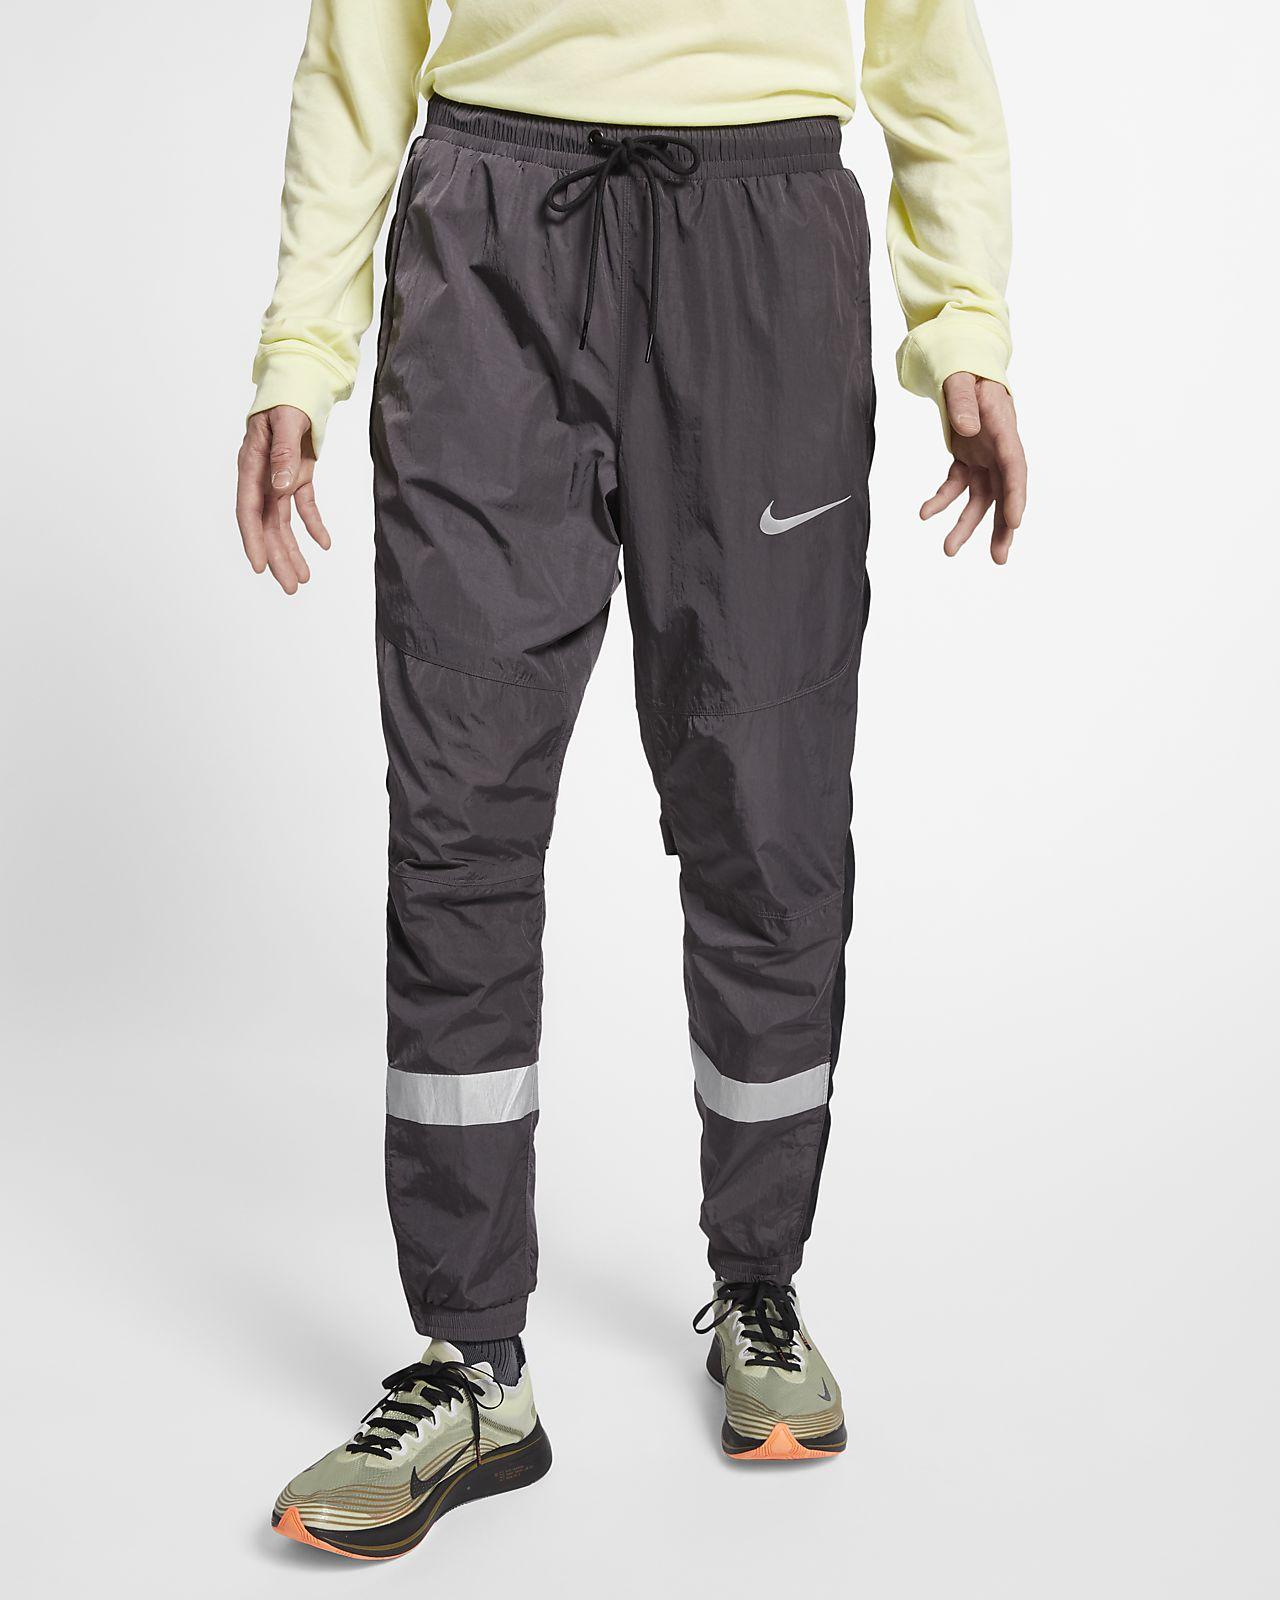 c6ddb4054c9d Ανδρικό παντελόνι φόρμας για τρέξιμο Nike. Nike.com GR